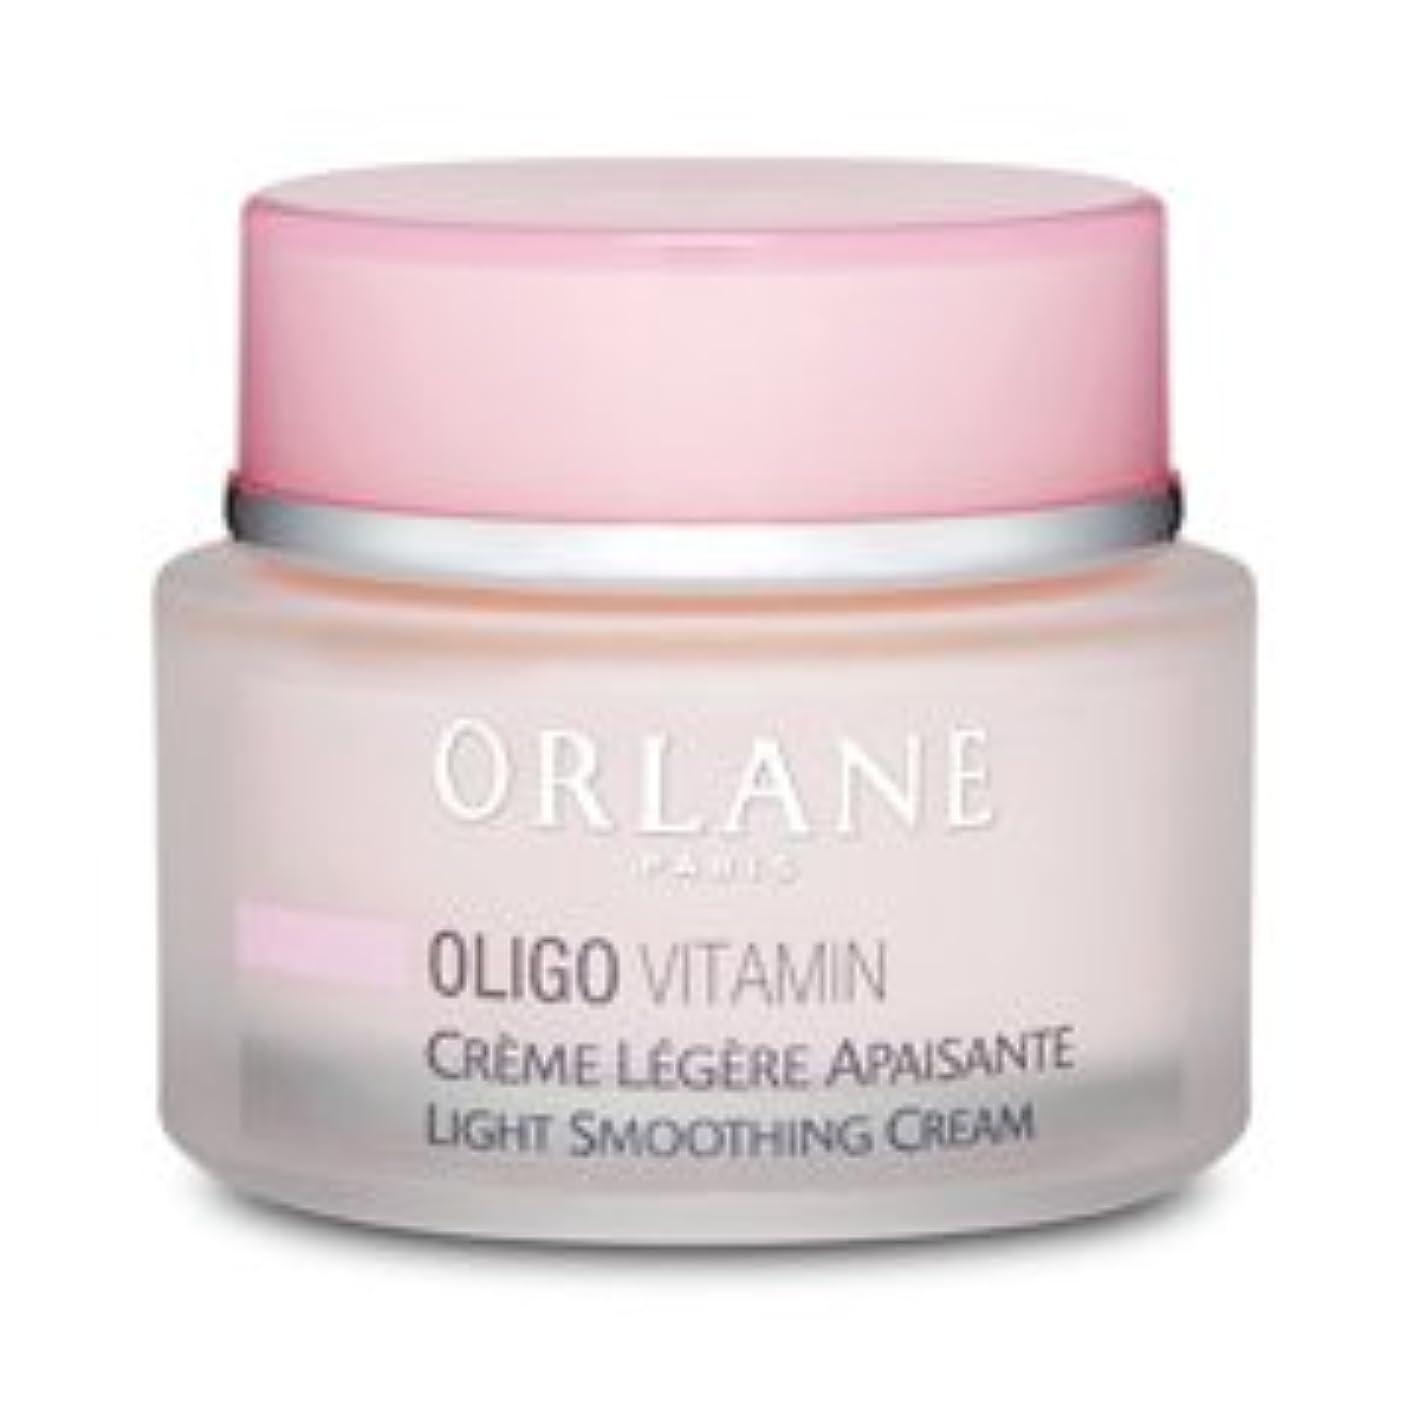 オルラーヌ(Orlane) オリゴ ライト スムージング クリーム 50ml [並行輸入品]